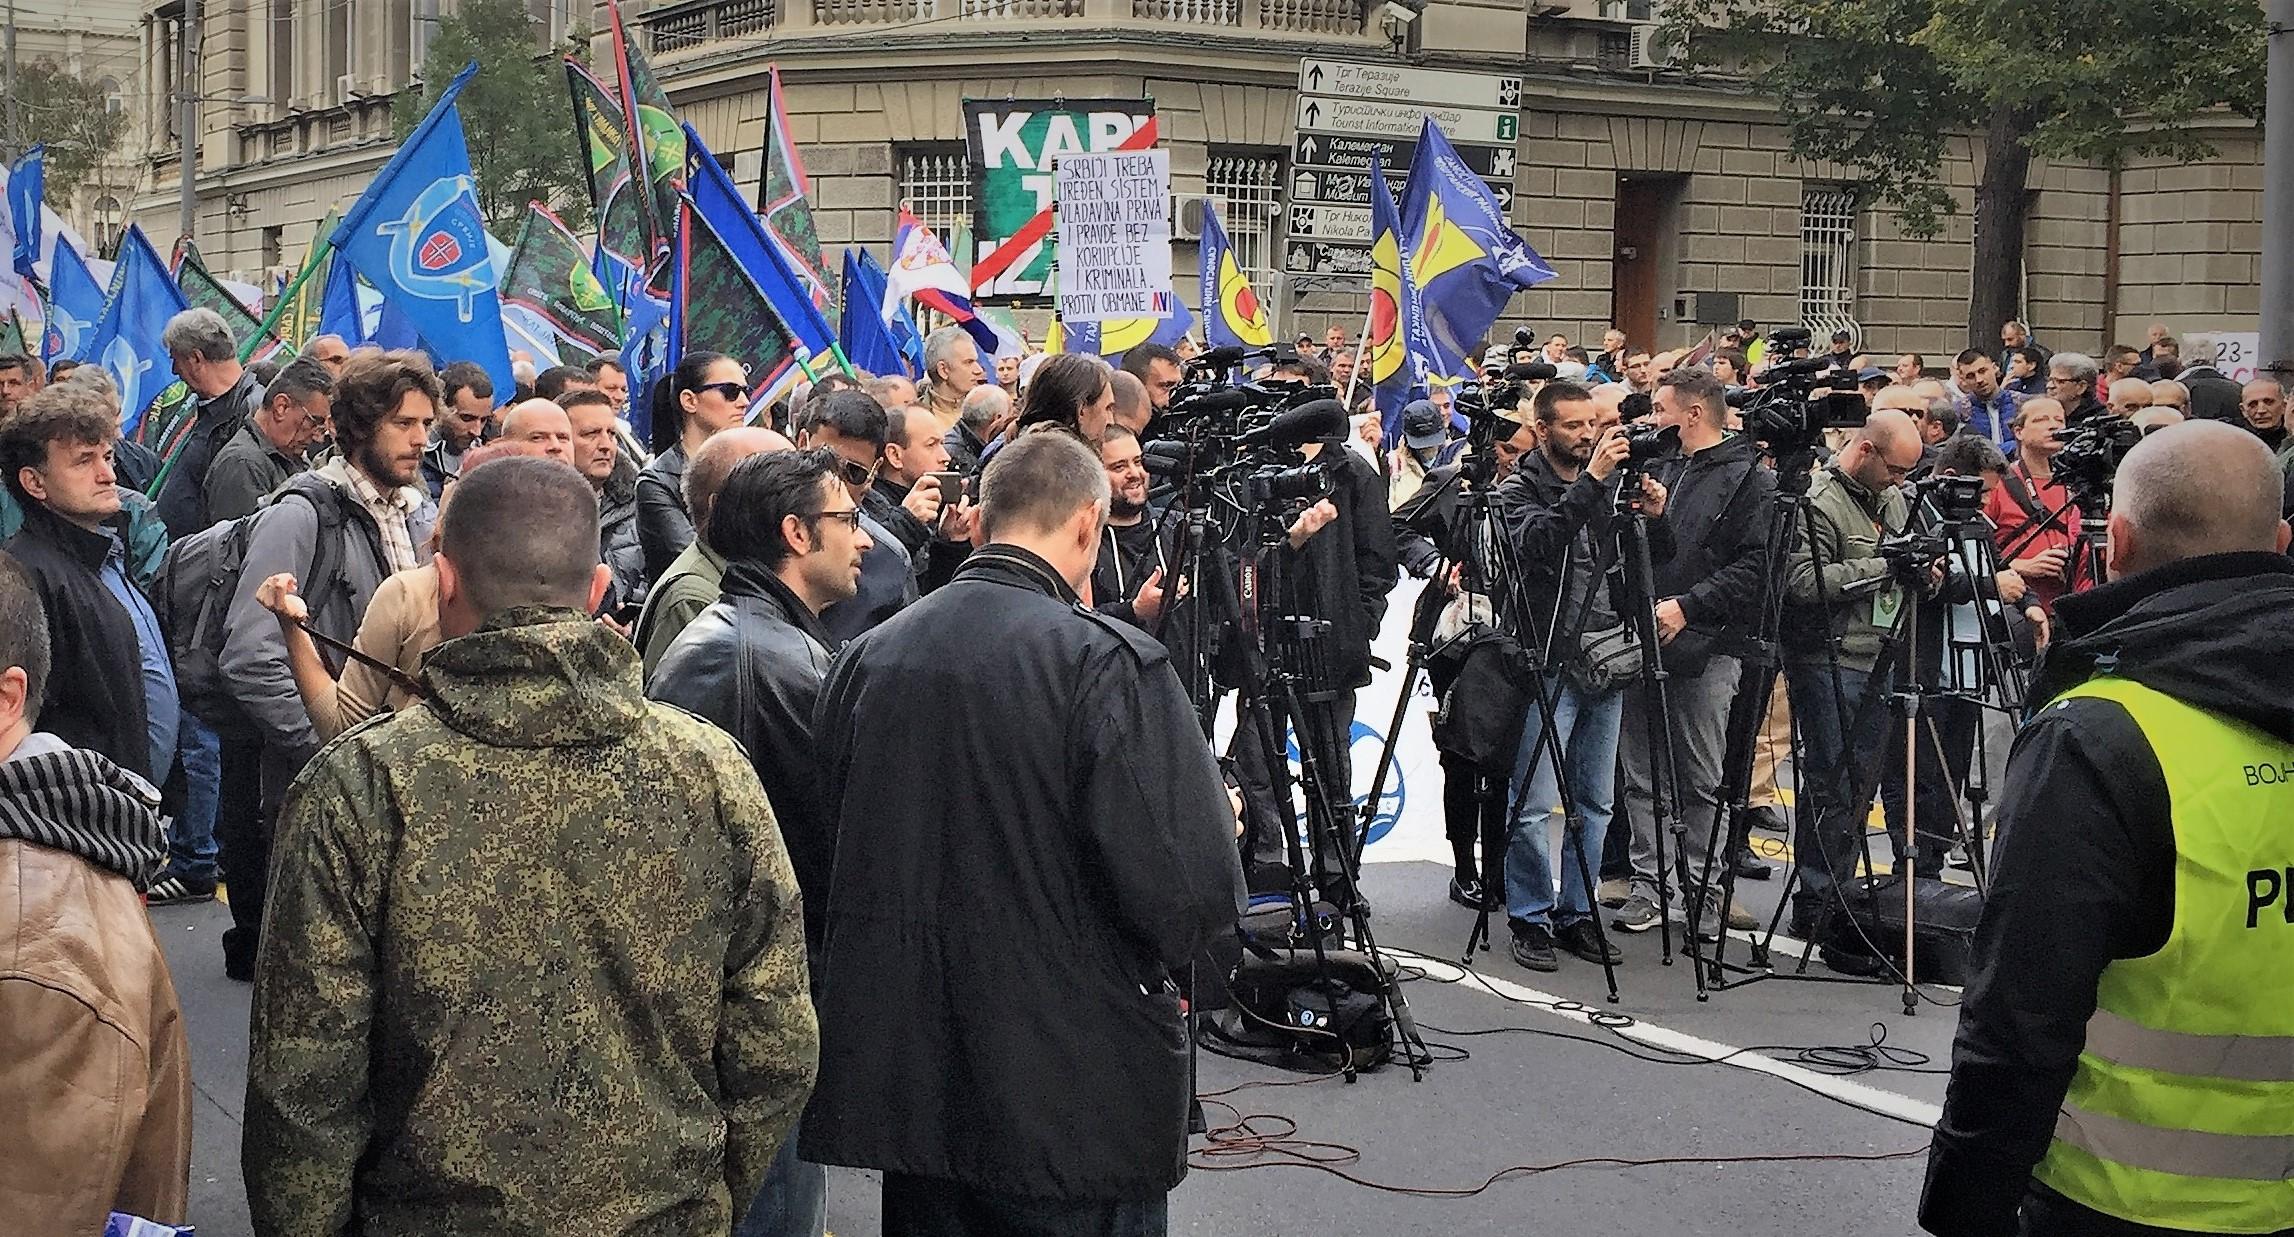 Ulica Kralja Milana: Demonstriert wird oft und lautstark, besonders in der Nähe des Parlaments.